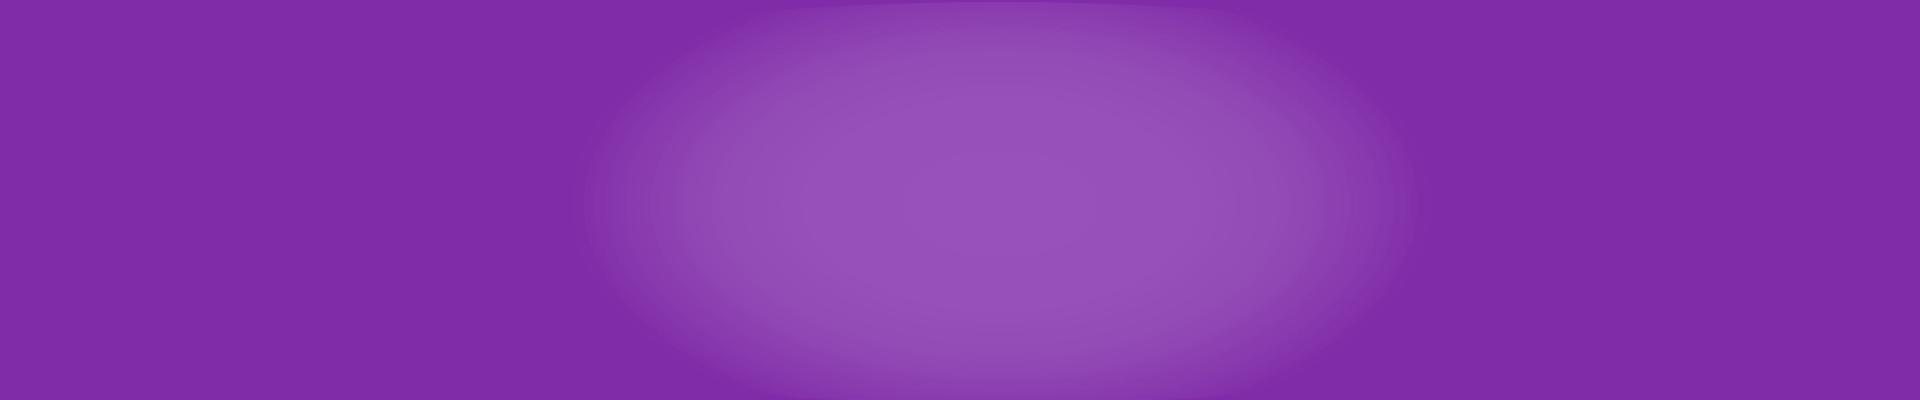 fond-violet